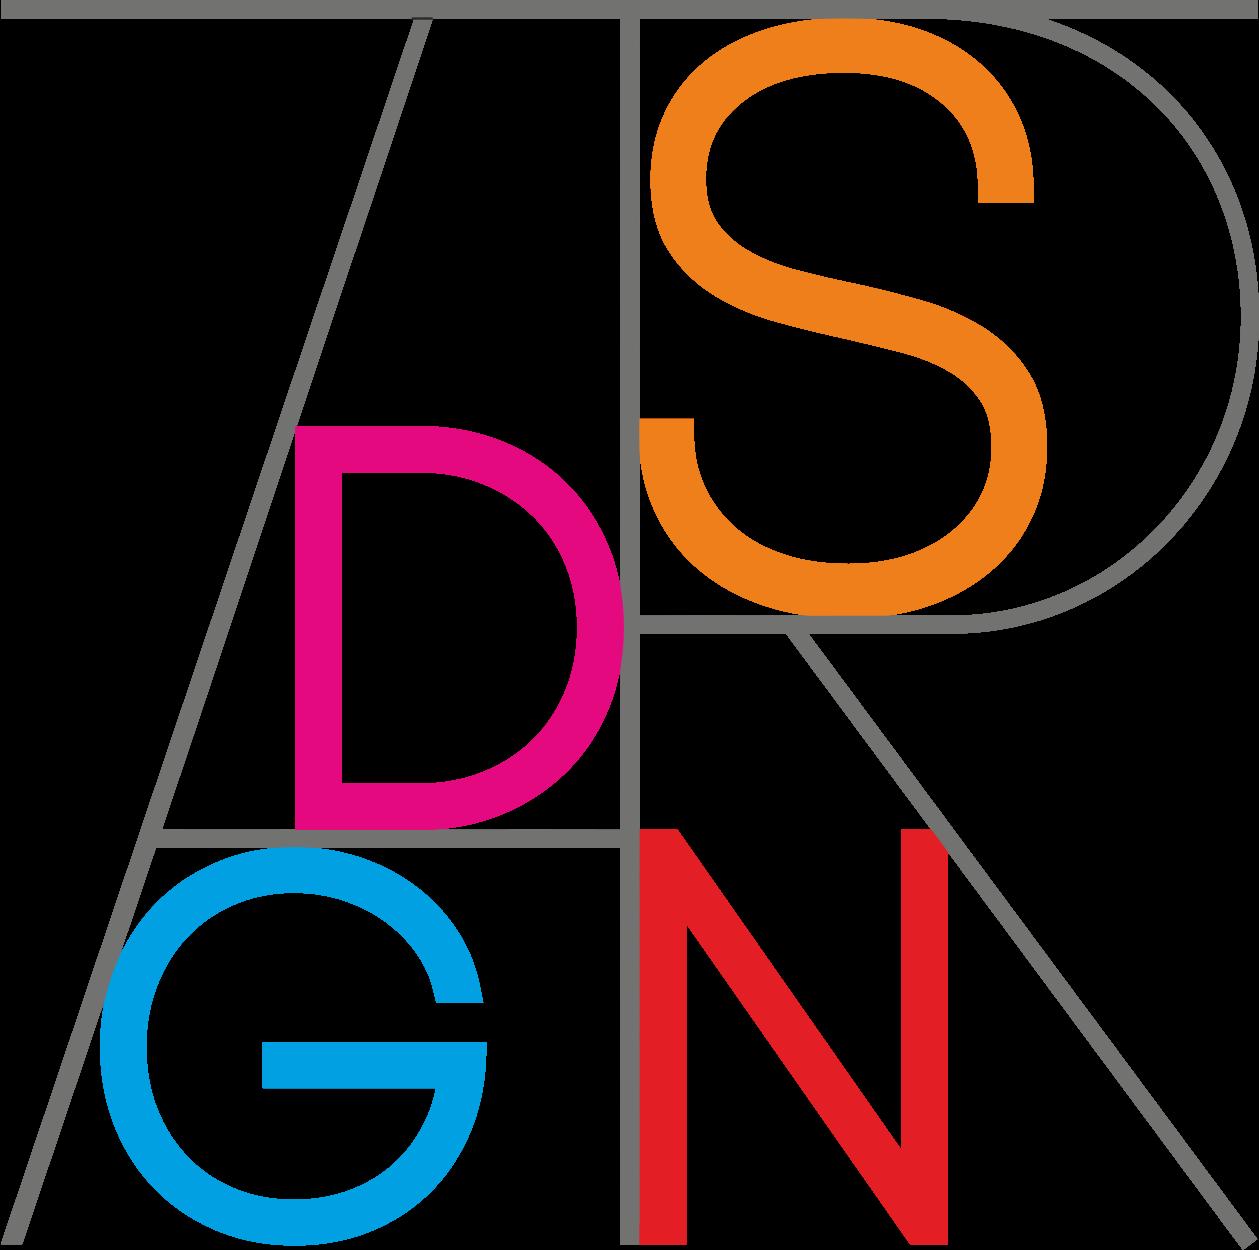 ART-DSGN.RU